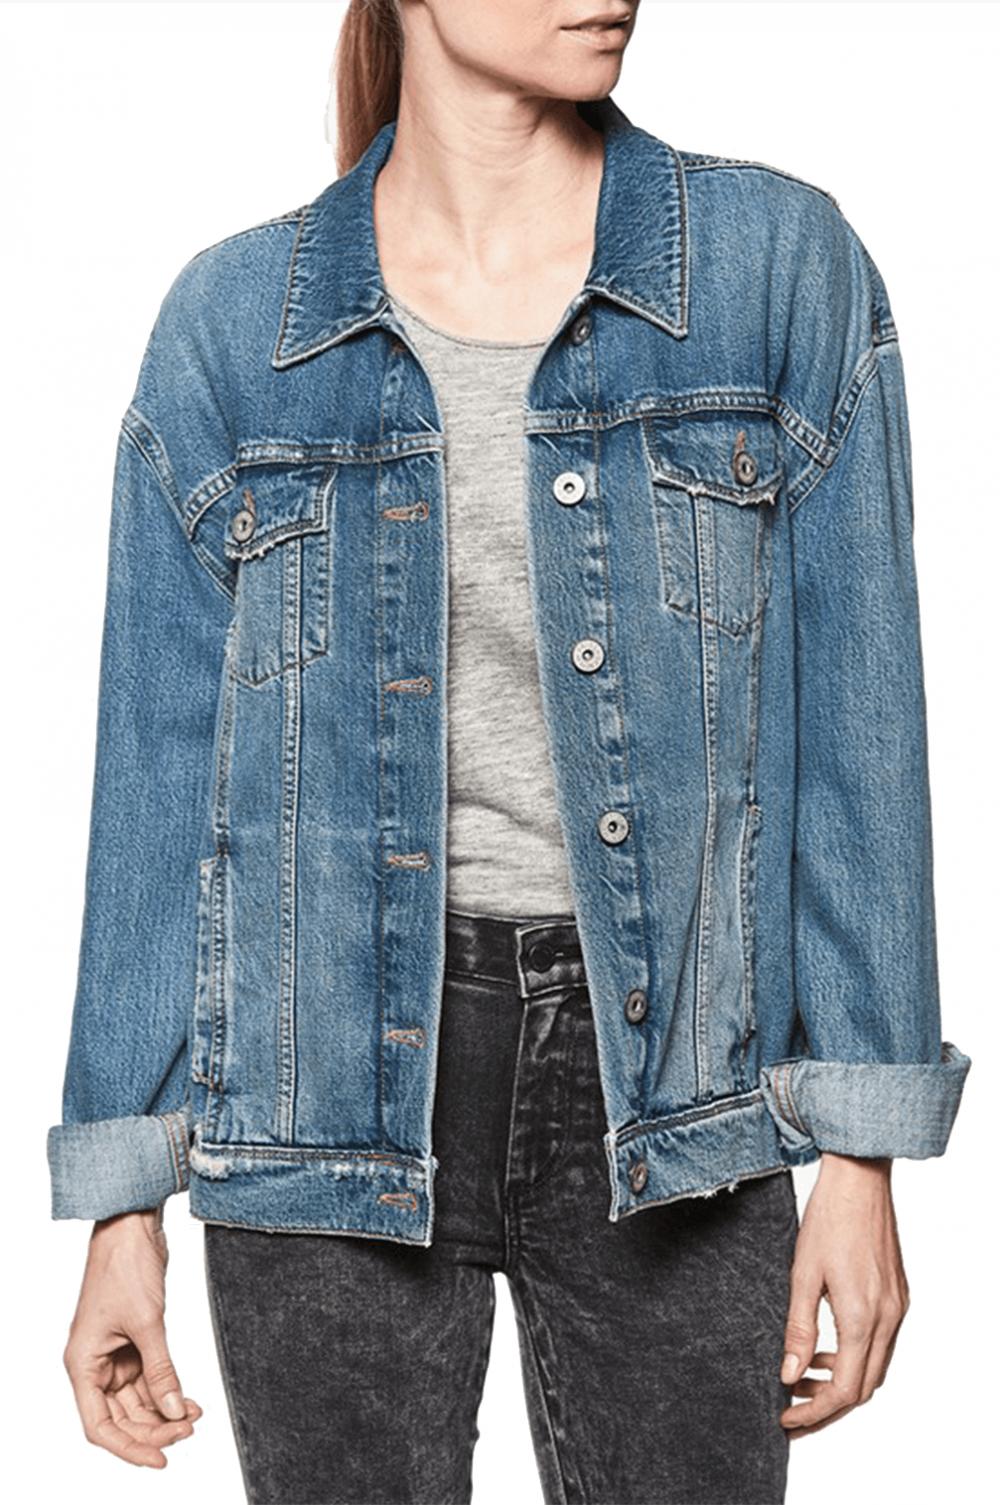 A Denim Jacket -